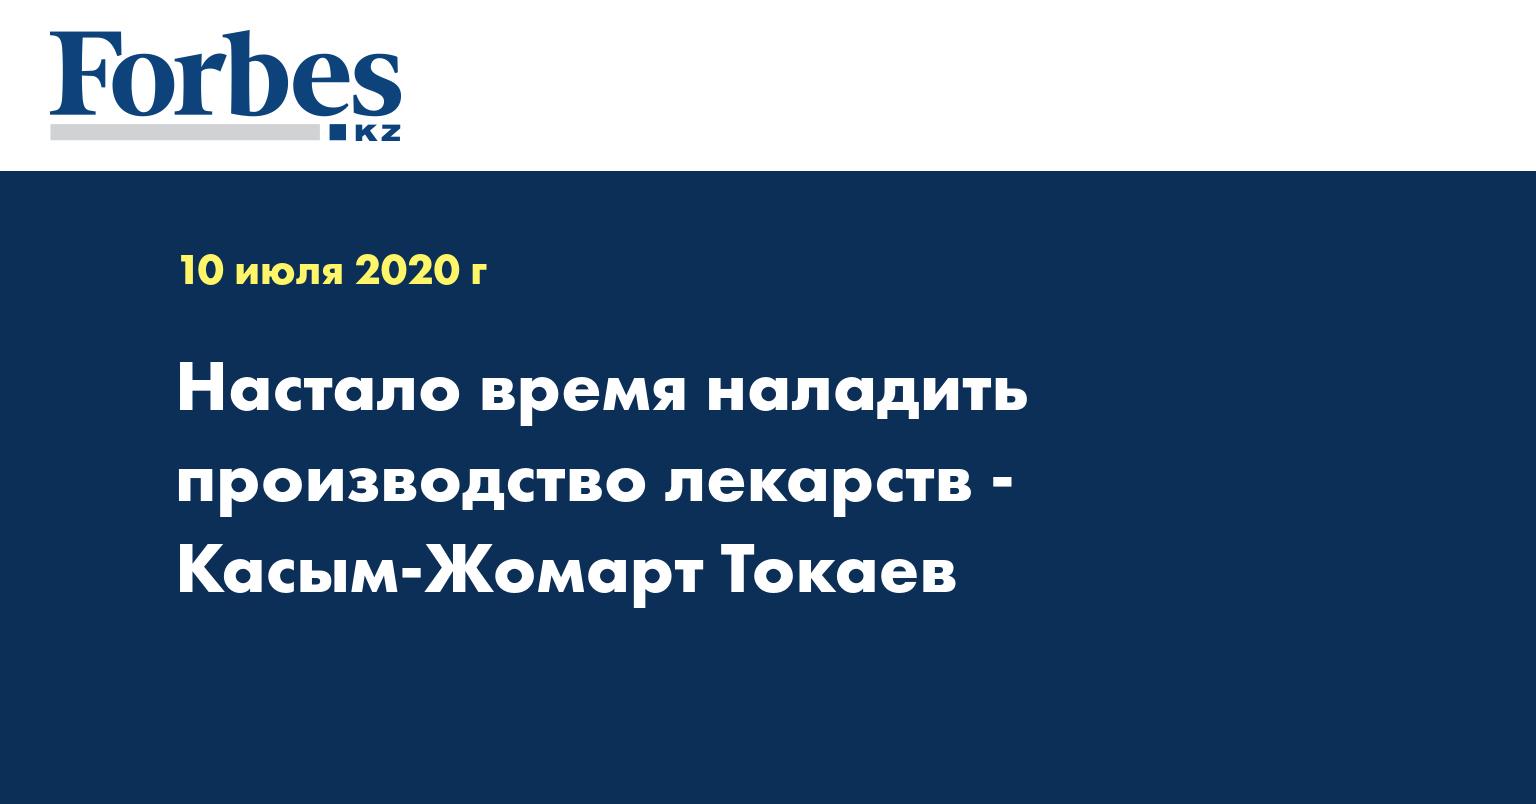 Настало время наладить производство  лекарств - Касым-Жомарт Токаев